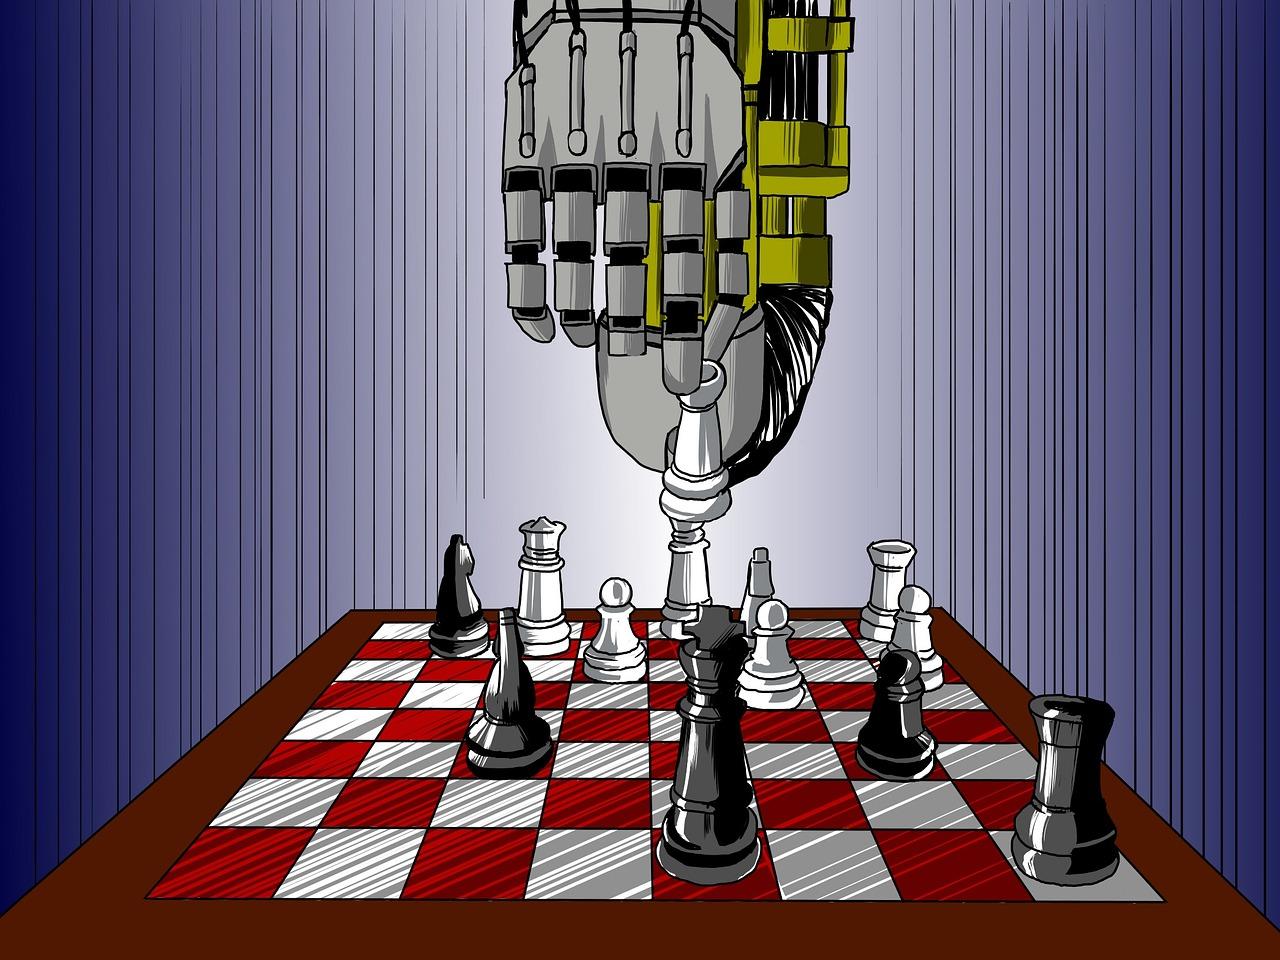 そもそも人工知能はどのように発展してきたのか